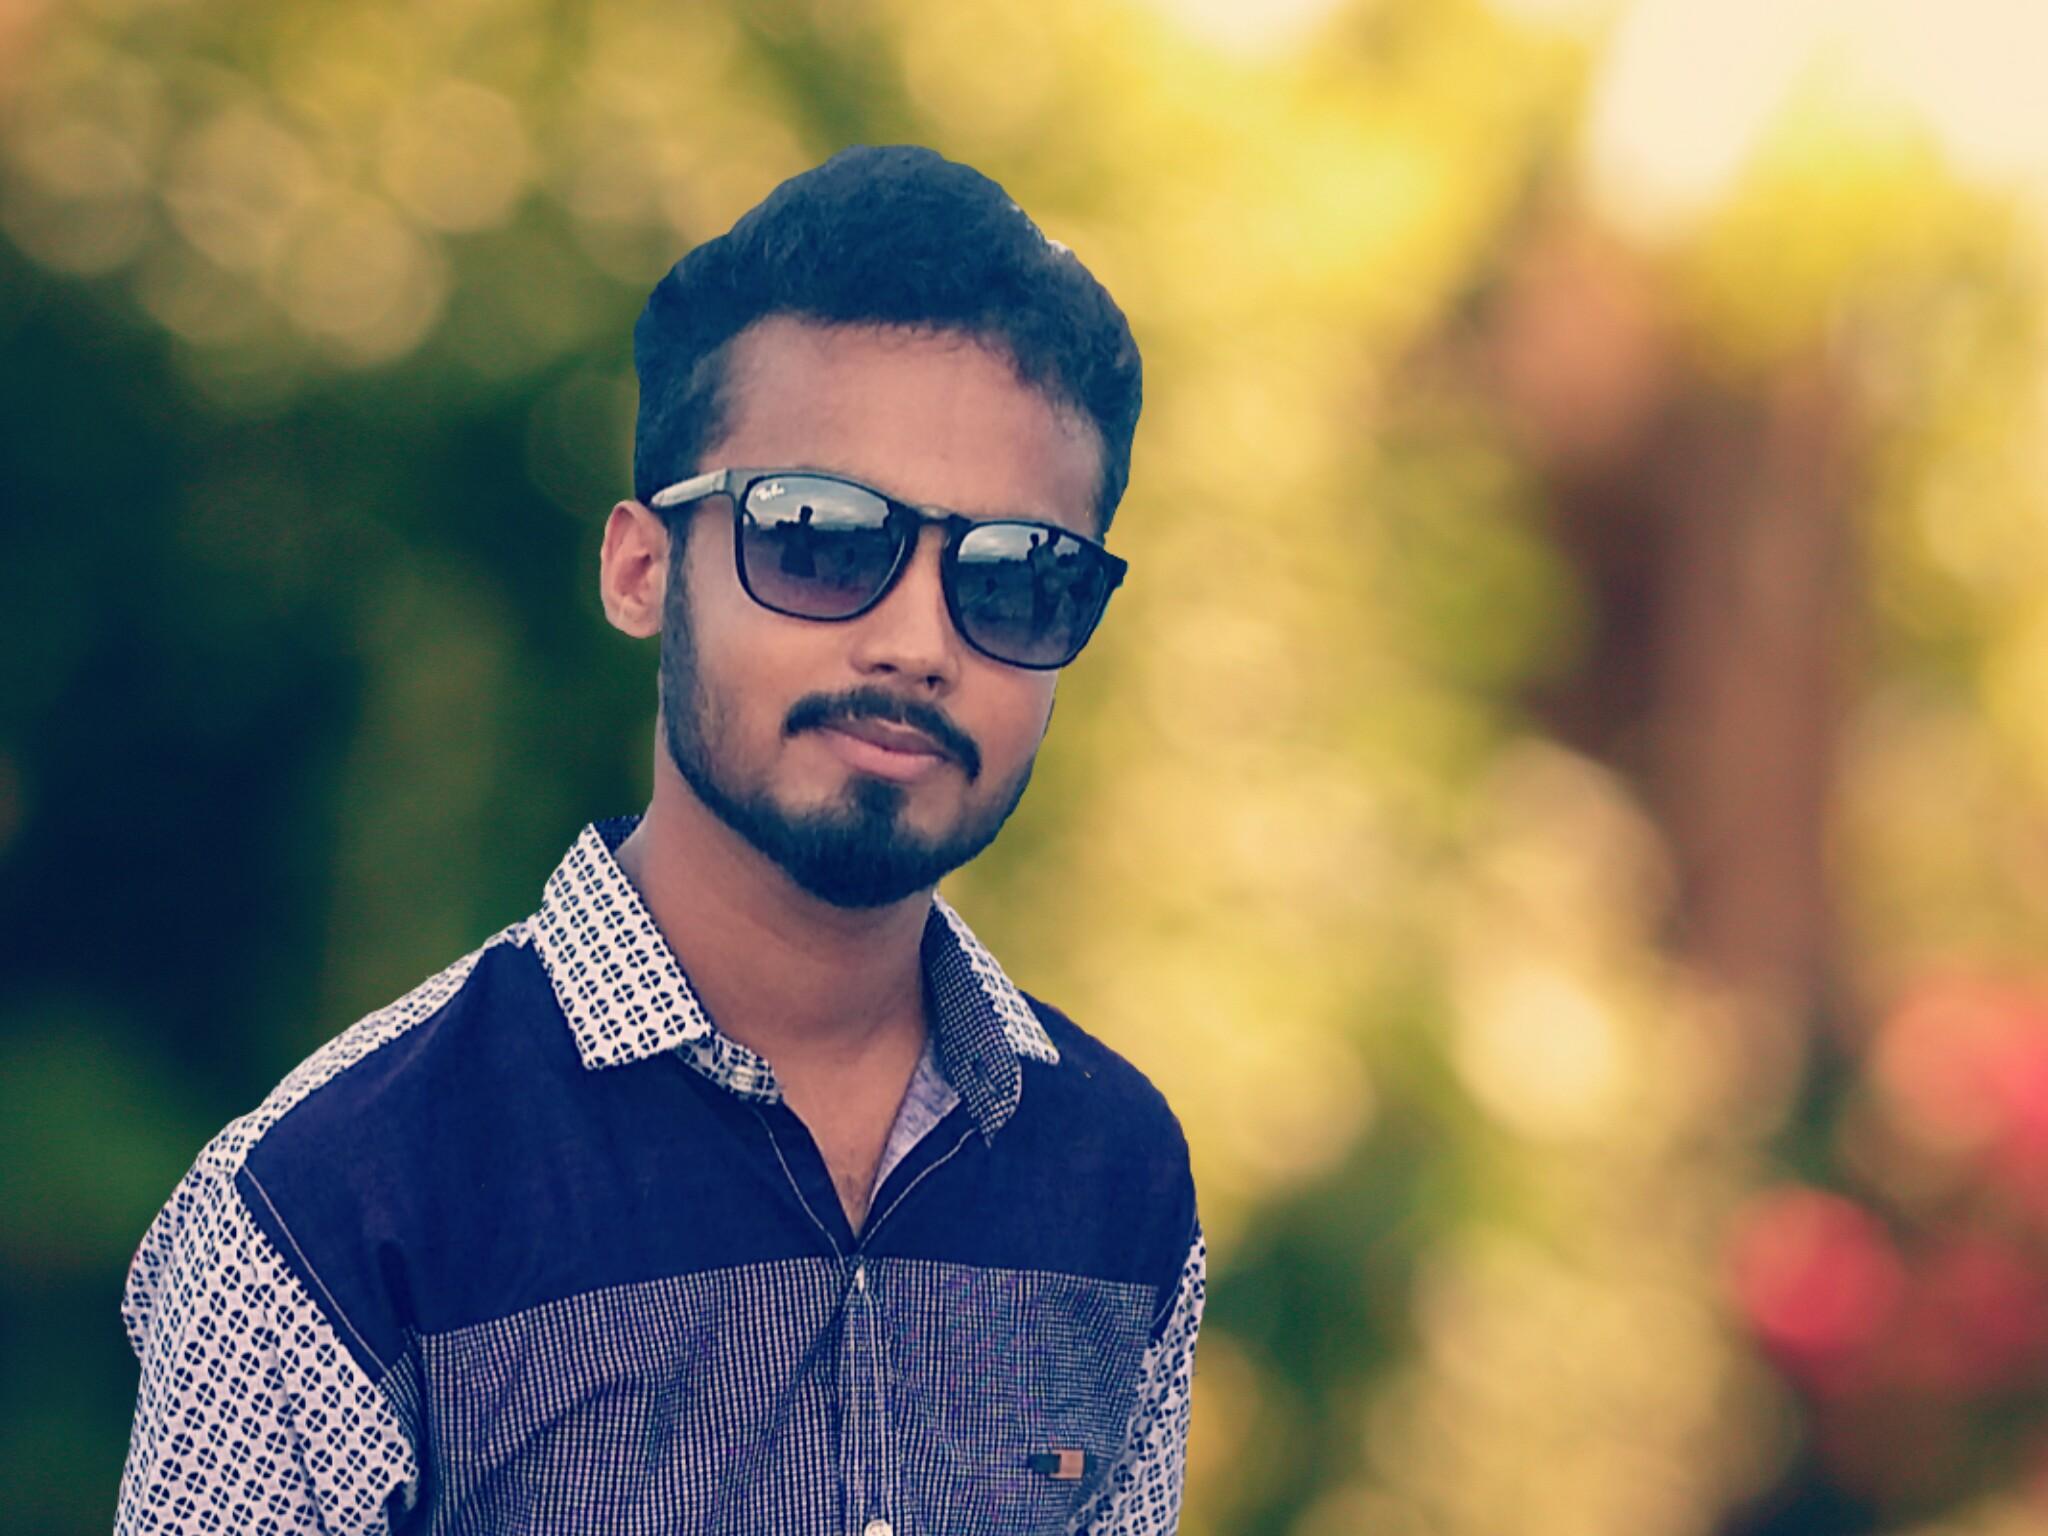 Adnan Shorif